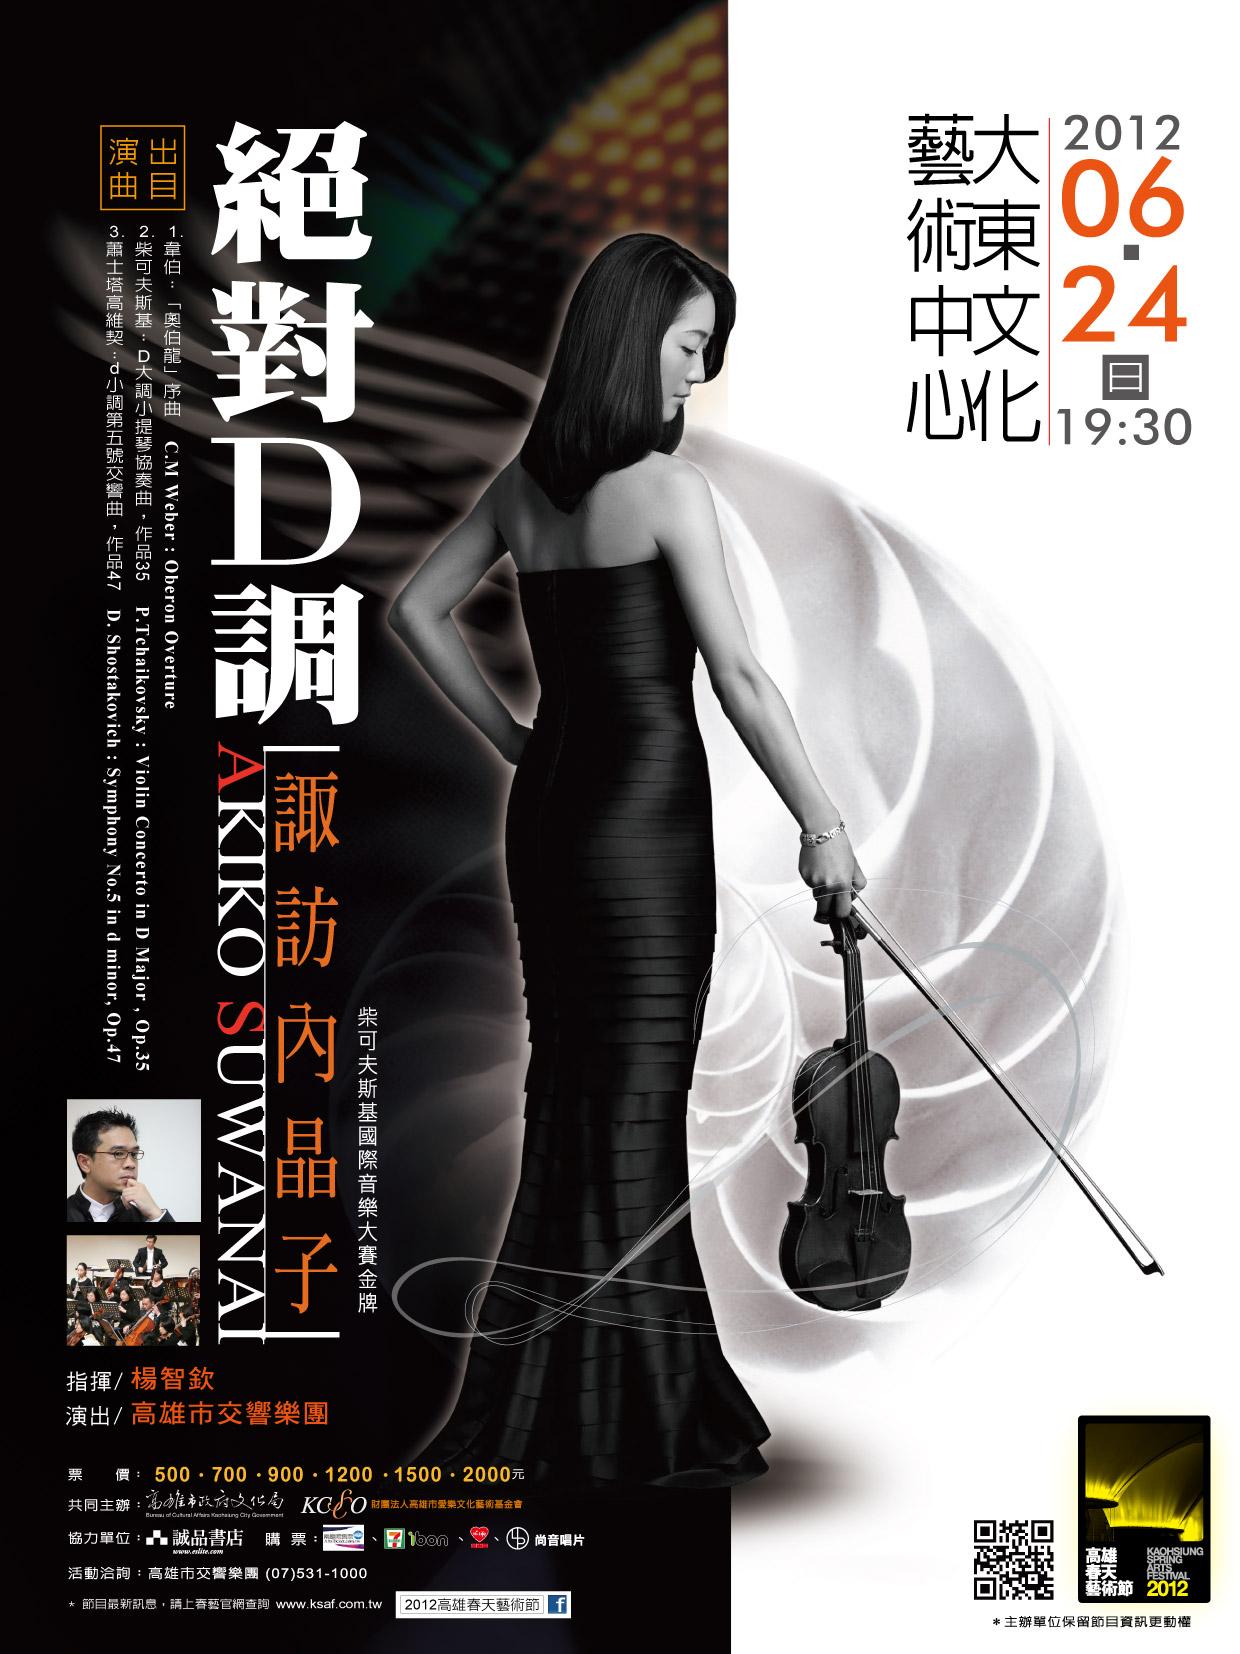 2012高雄春天藝術節/絕對D調